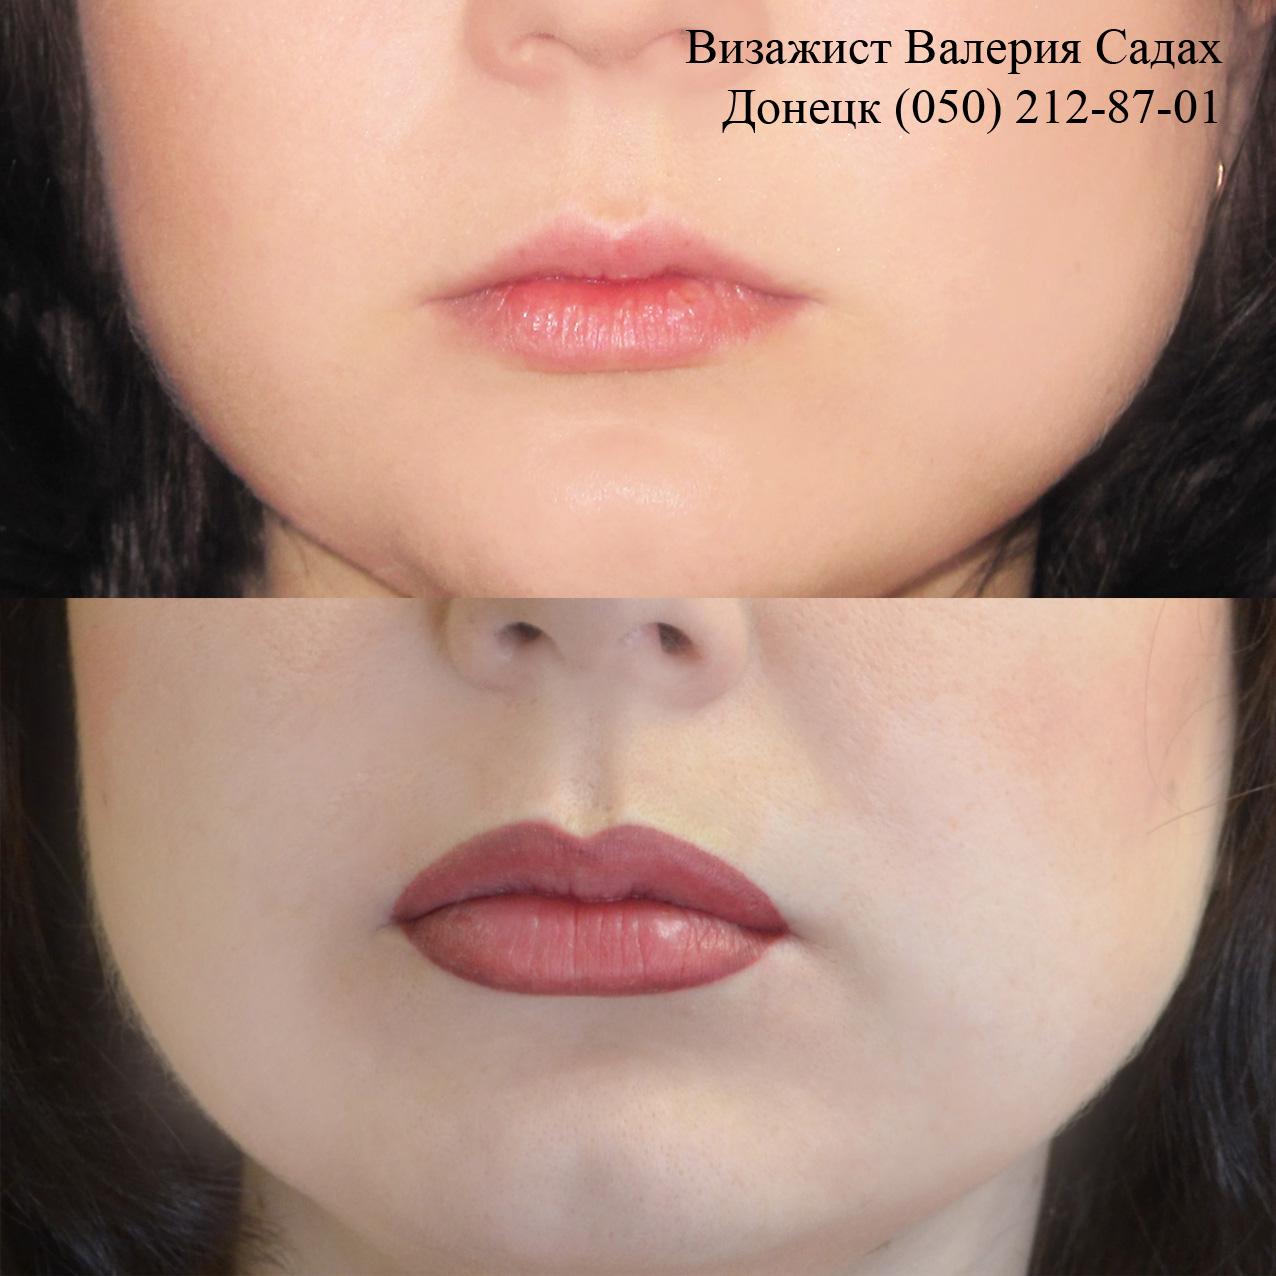 Перманентный макияж губ 3 д эффект фото